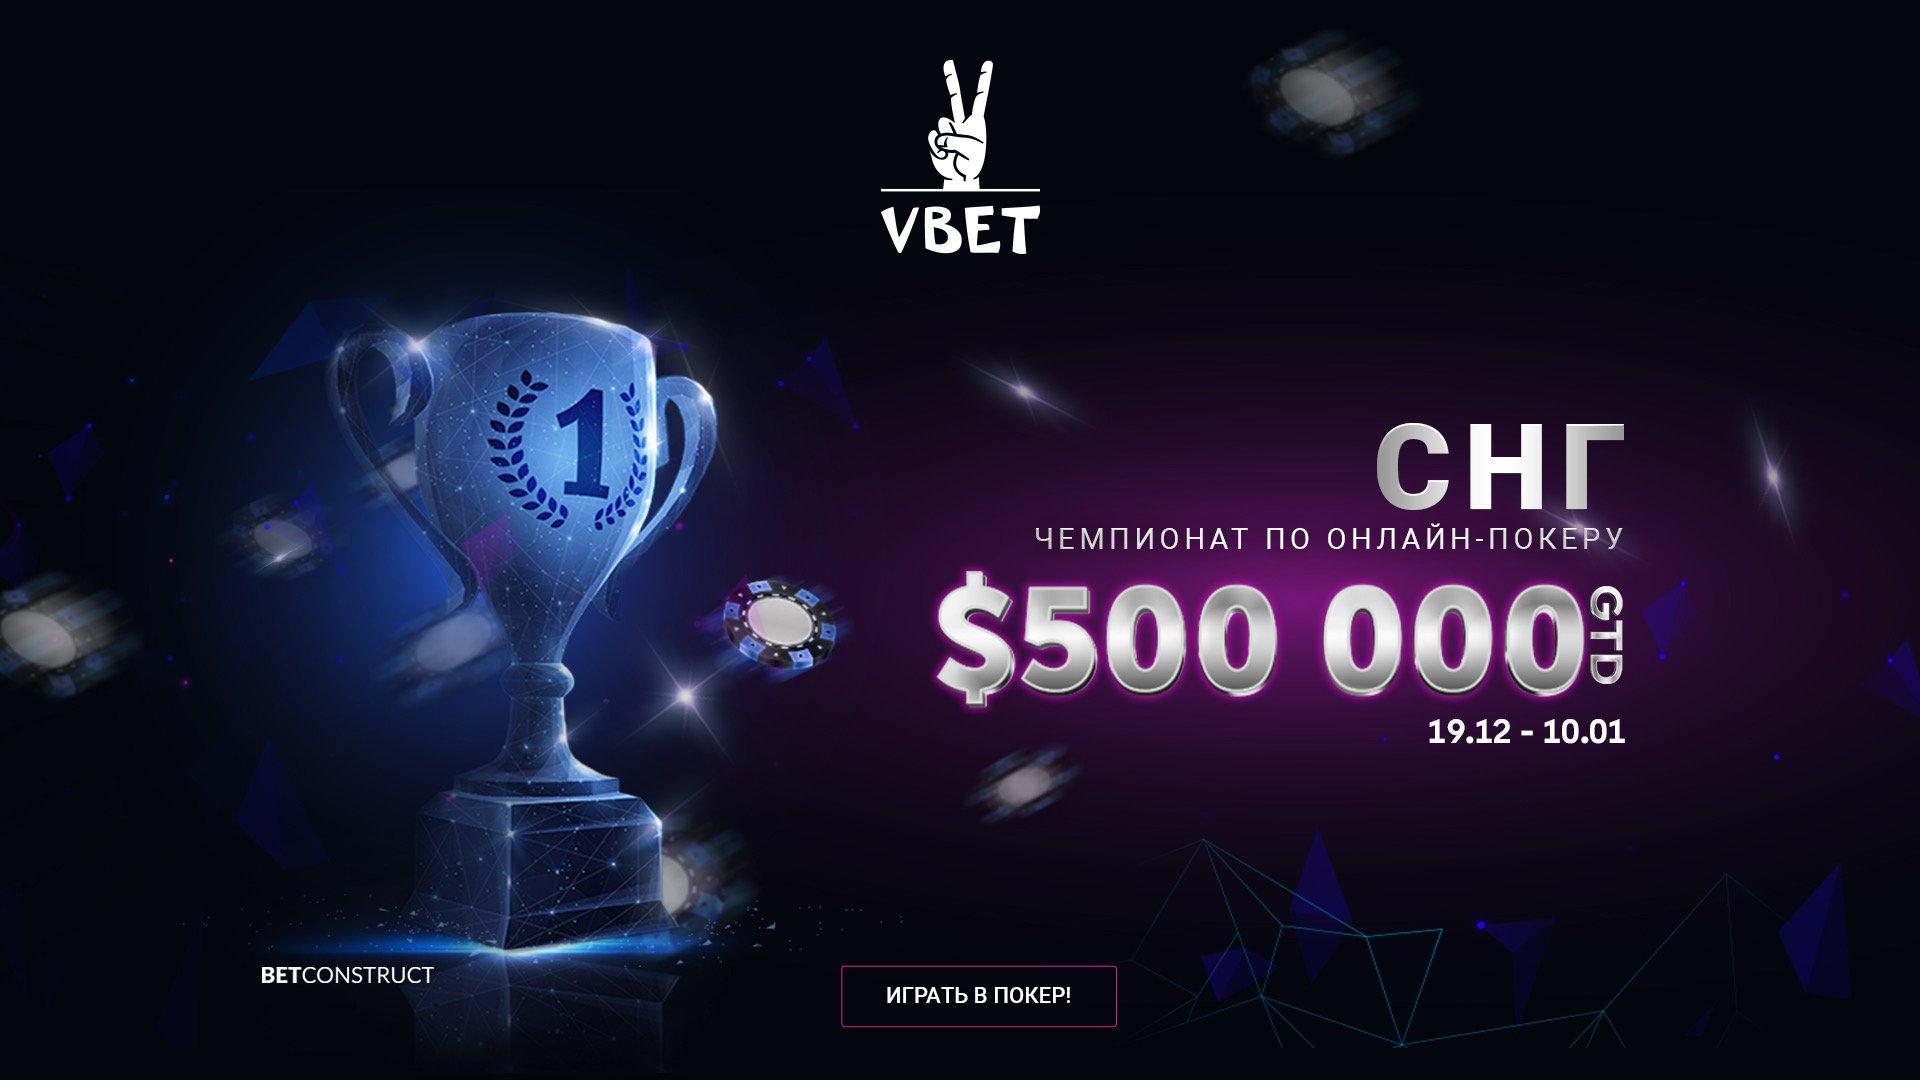 Poker Vbet